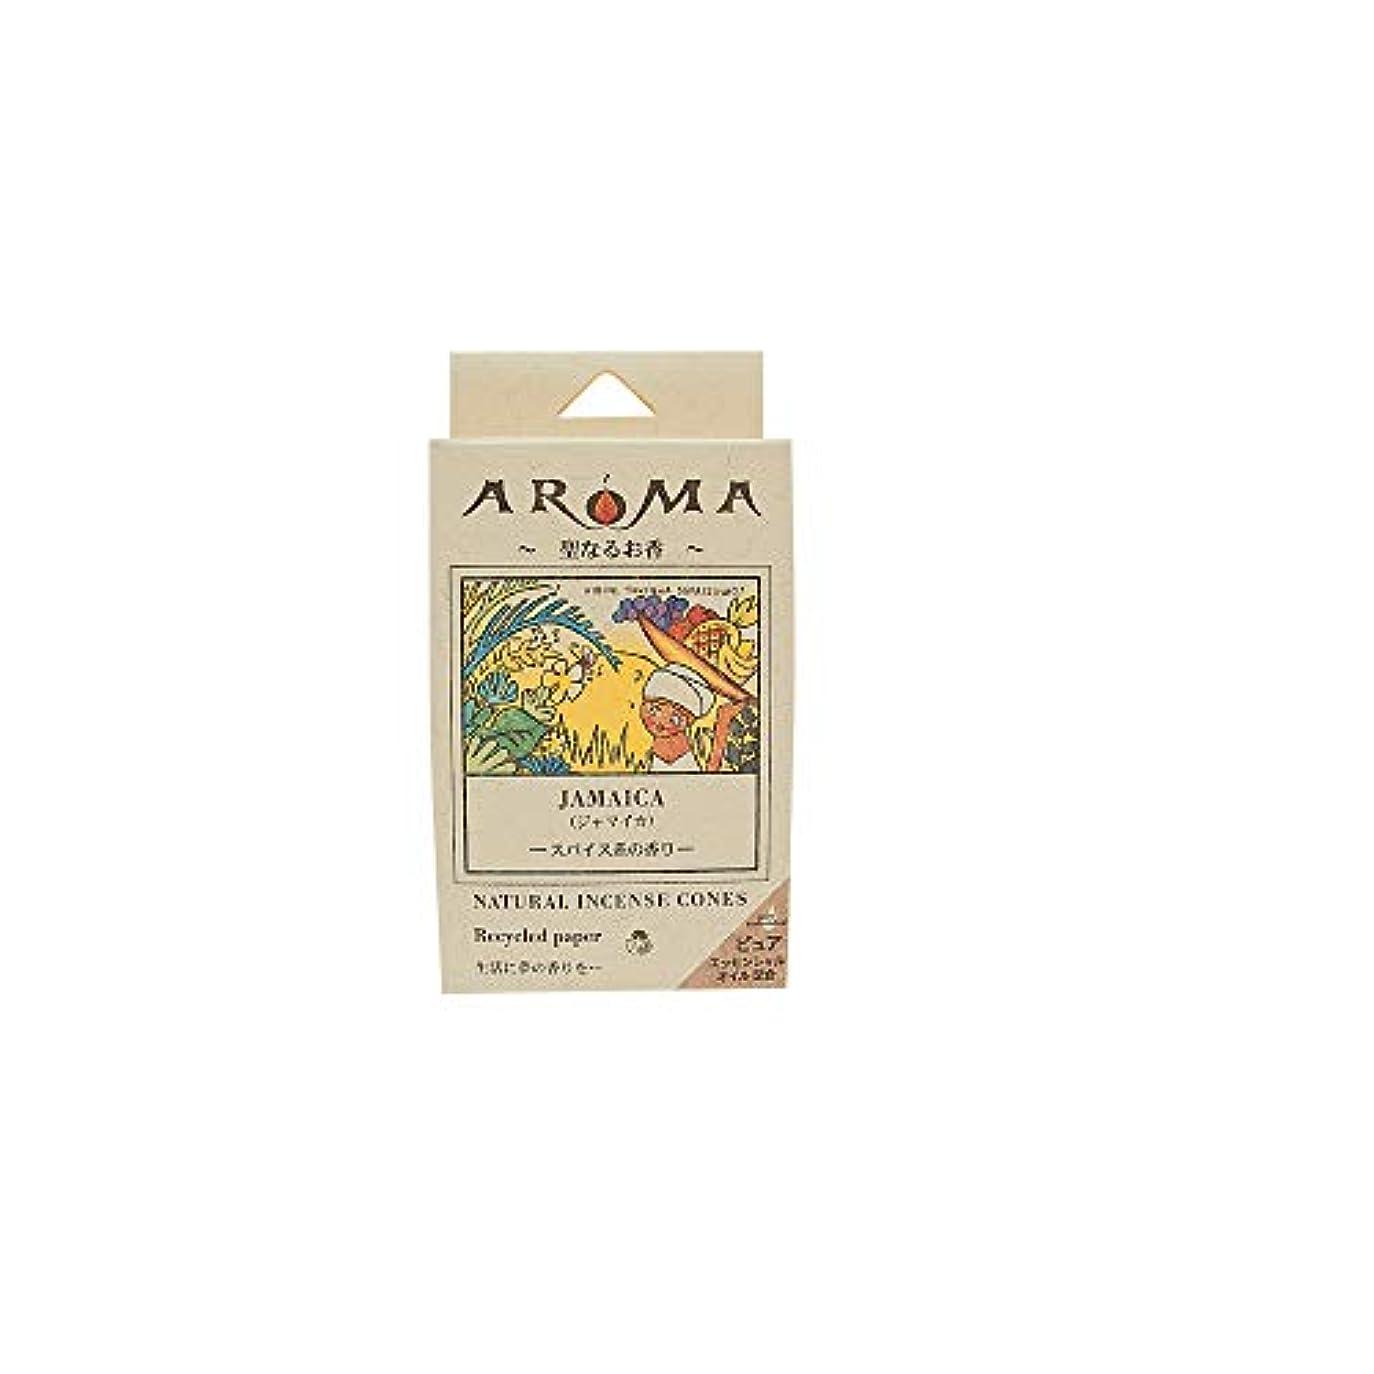 歩き回るのり避けるアロマ香 ジャマイカ 16粒(コーンタイプインセンス 1粒の燃焼時間約20分 スパイス系の香り)